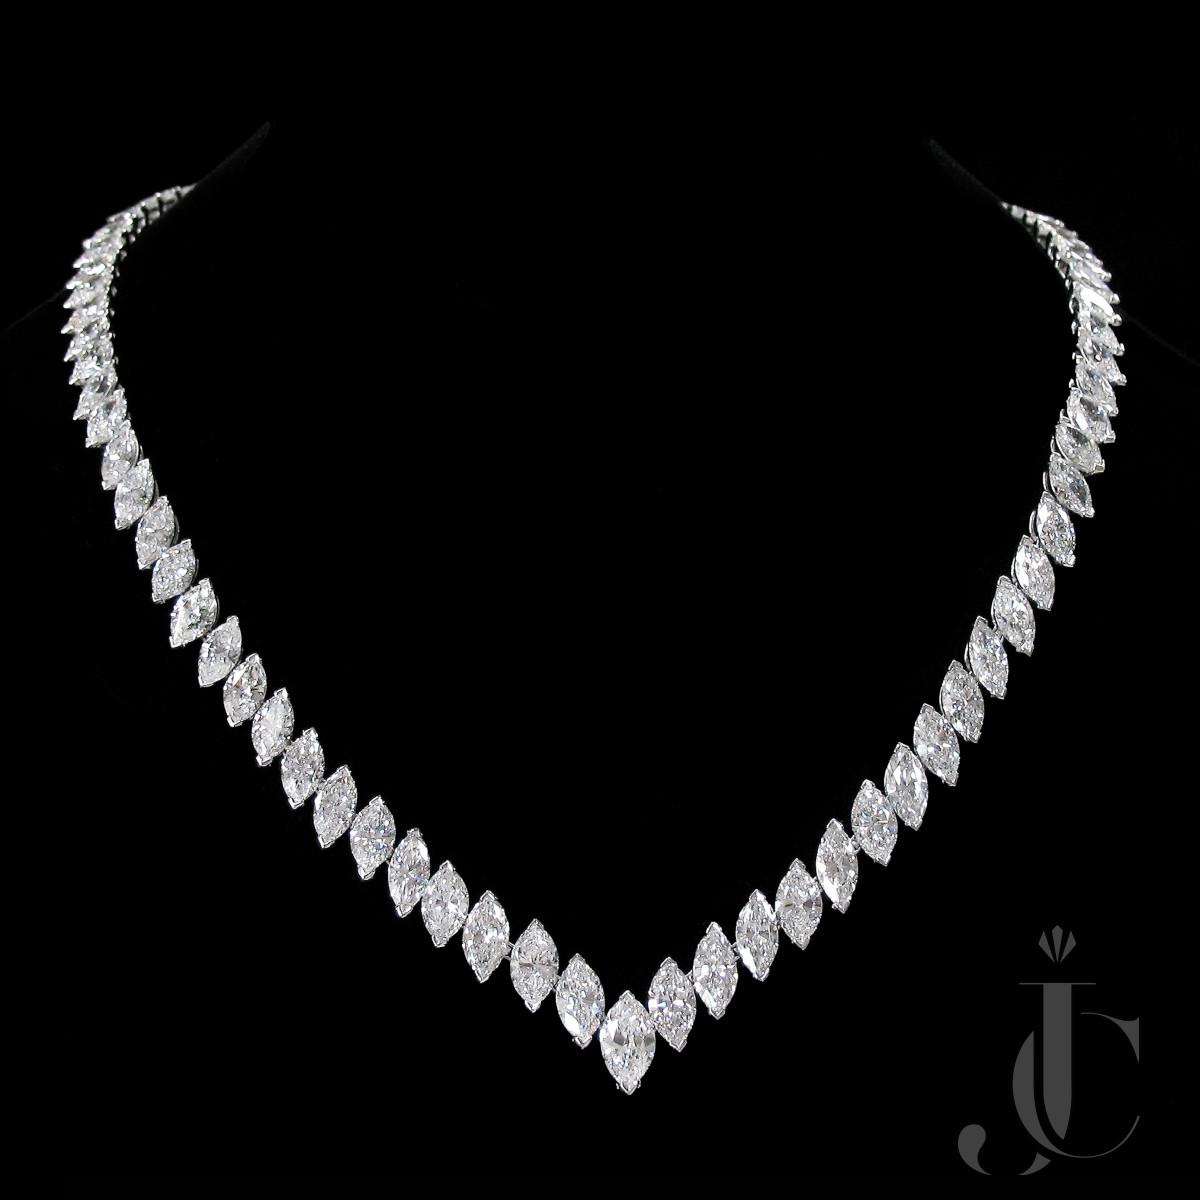 Platinum Marquise Diamonds Necklace, Van Cleef & Arpels